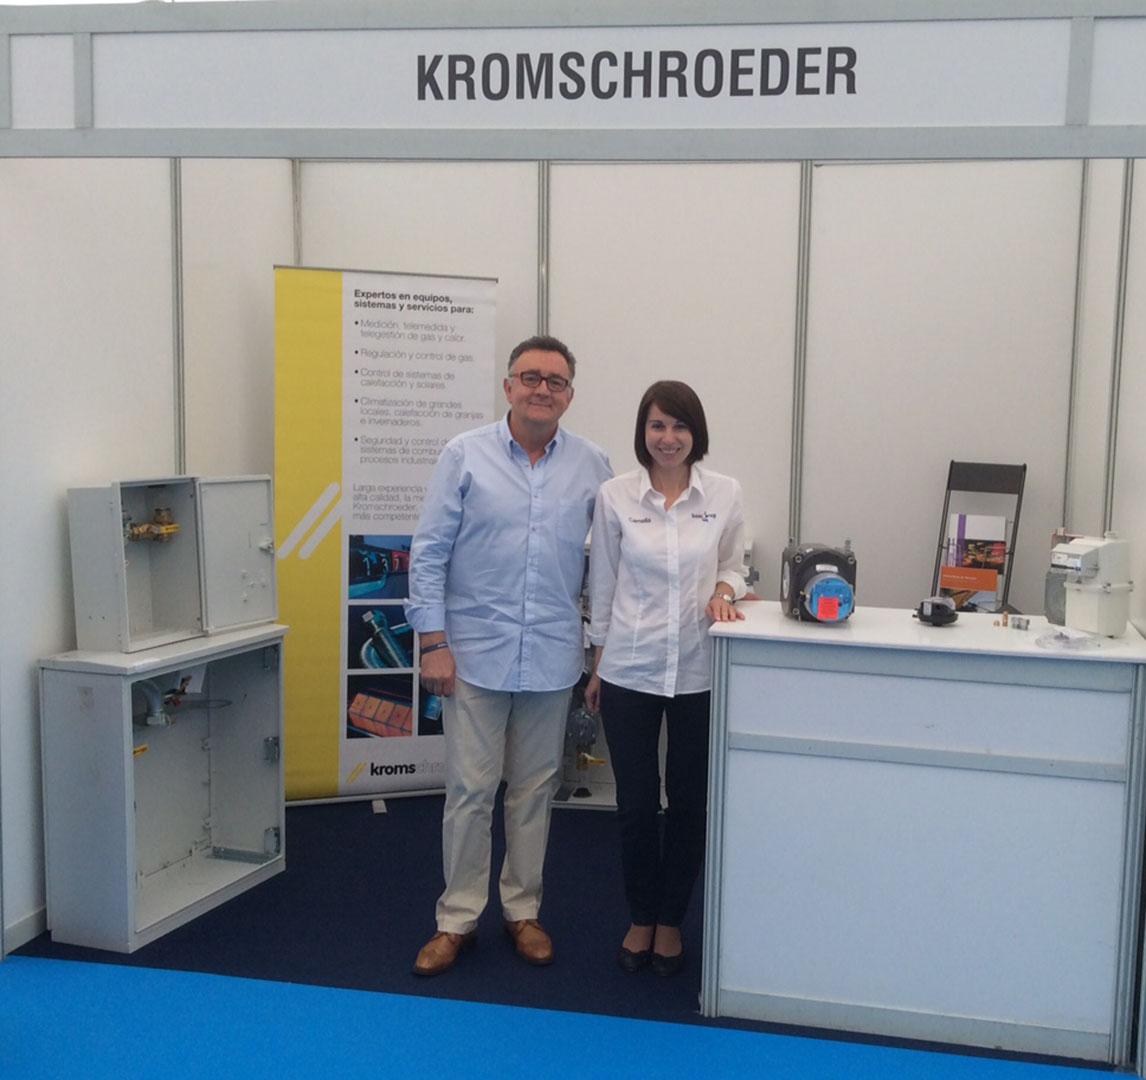 Kromschroeder en feria Bongrup 18_20.05.2016